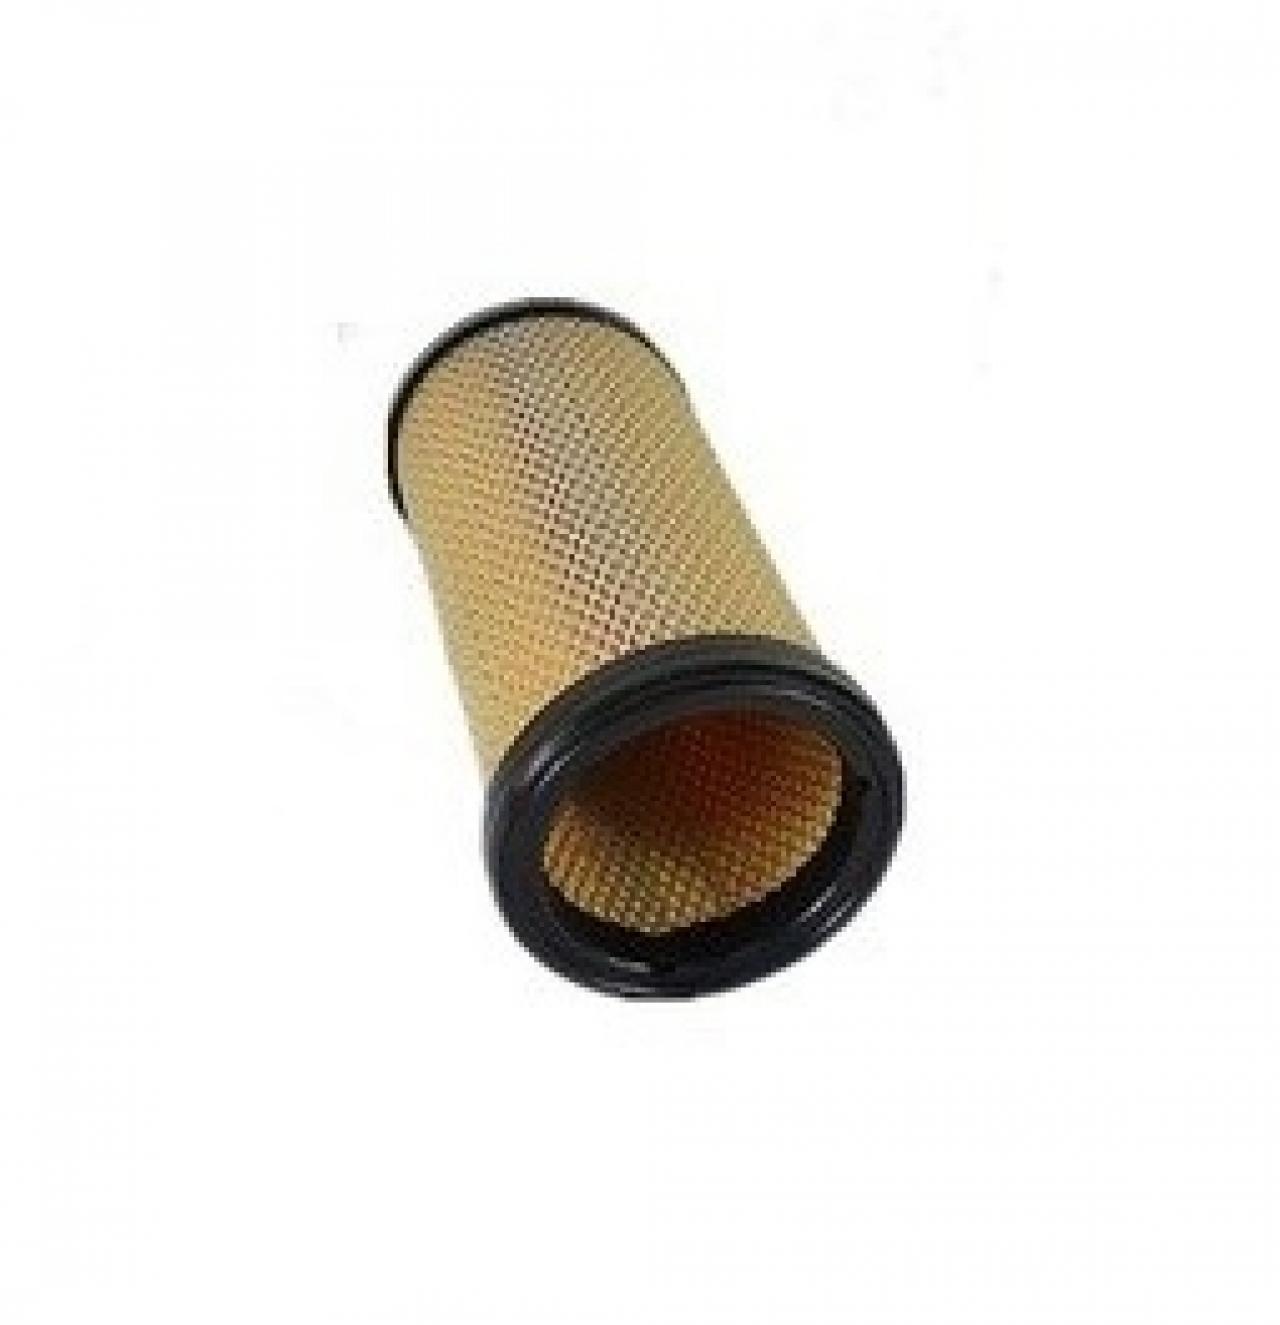 Фильтр воздушный внутренний HITACHI (4459548), P537877, 728.1109560